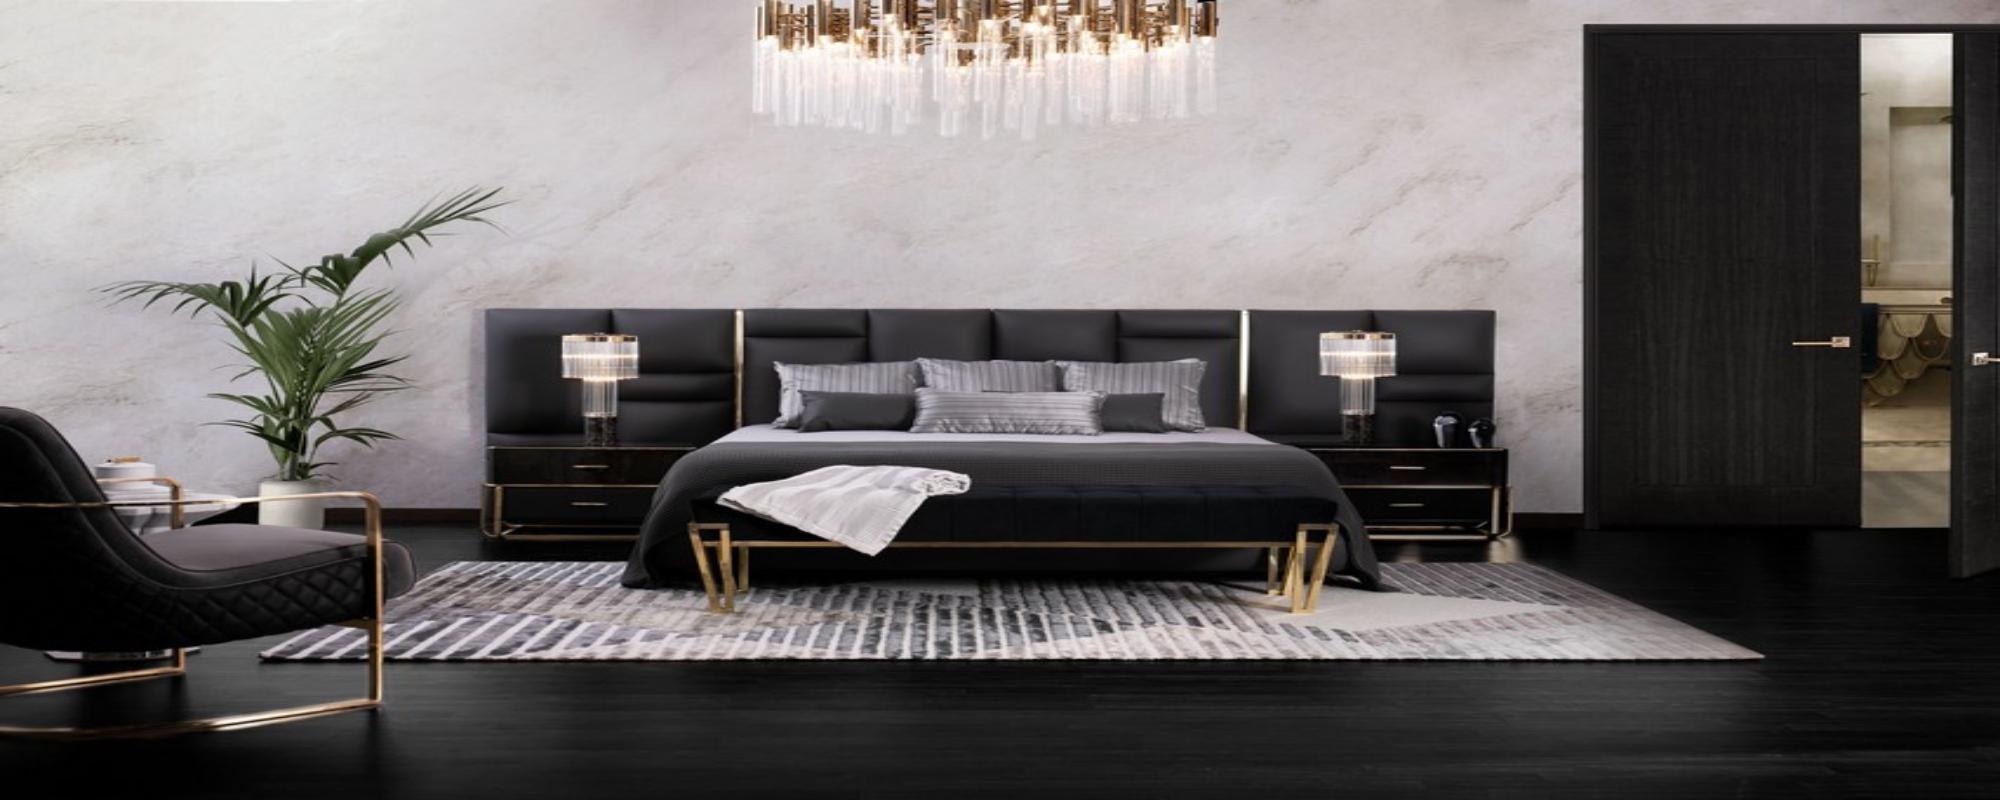 Diseño Dormitorio: Inspiraciónes poderosas y elegantes diseño dormitorio Diseño Dormitorio: Inspiraciónes poderosas y elegantes Featured 2